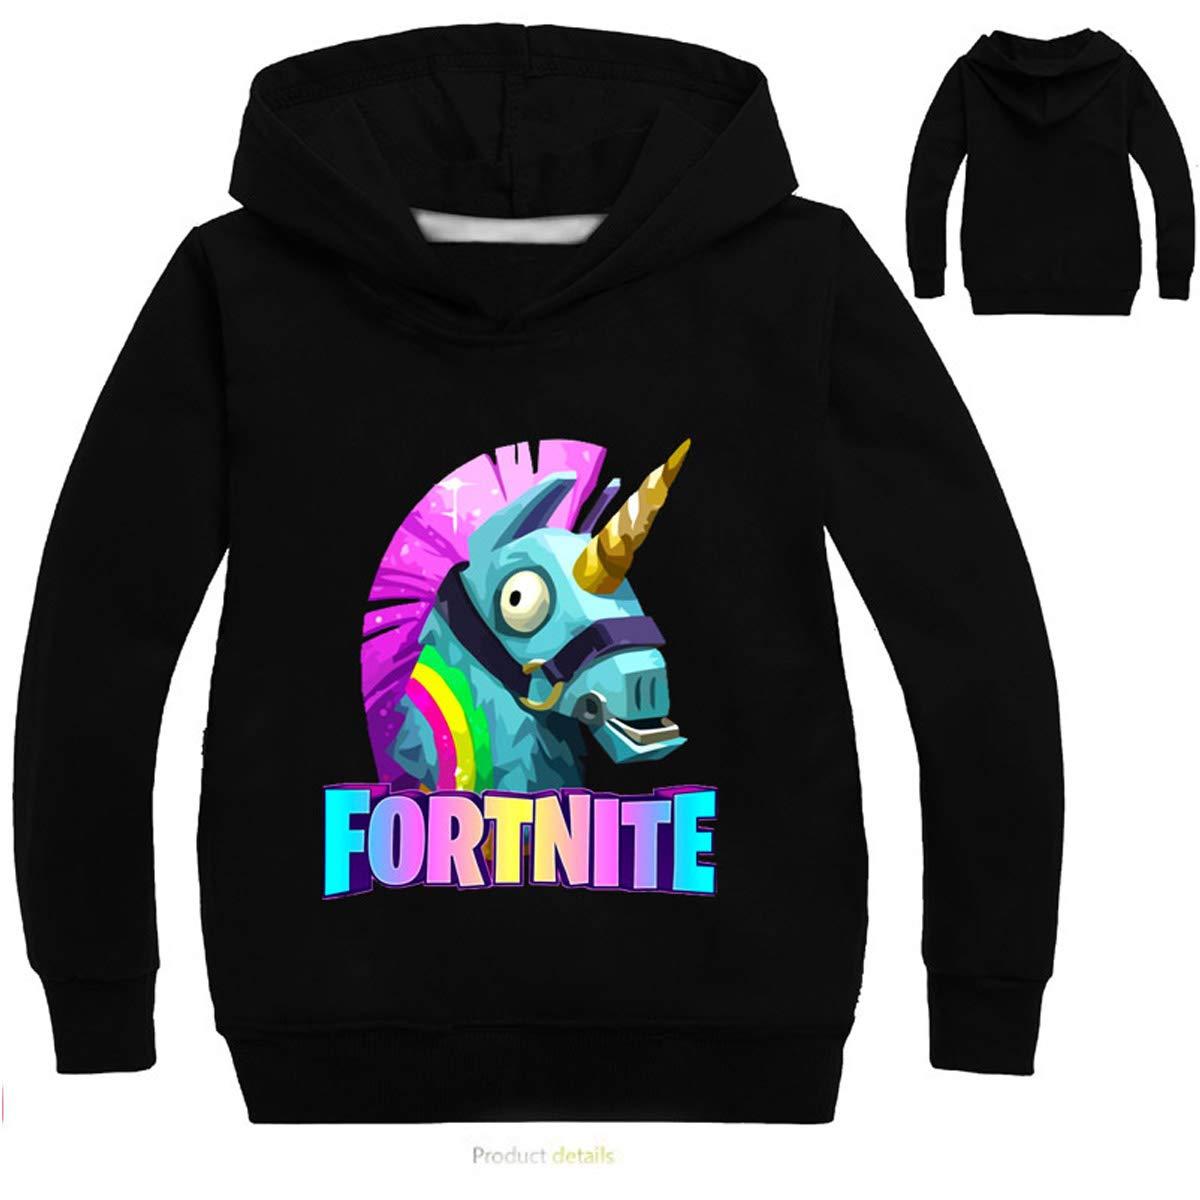 VGEU-KJGT Fortnite Hoodies Hoodies Sweatshirt Pullover Youth Unisex Kids Boys Girls